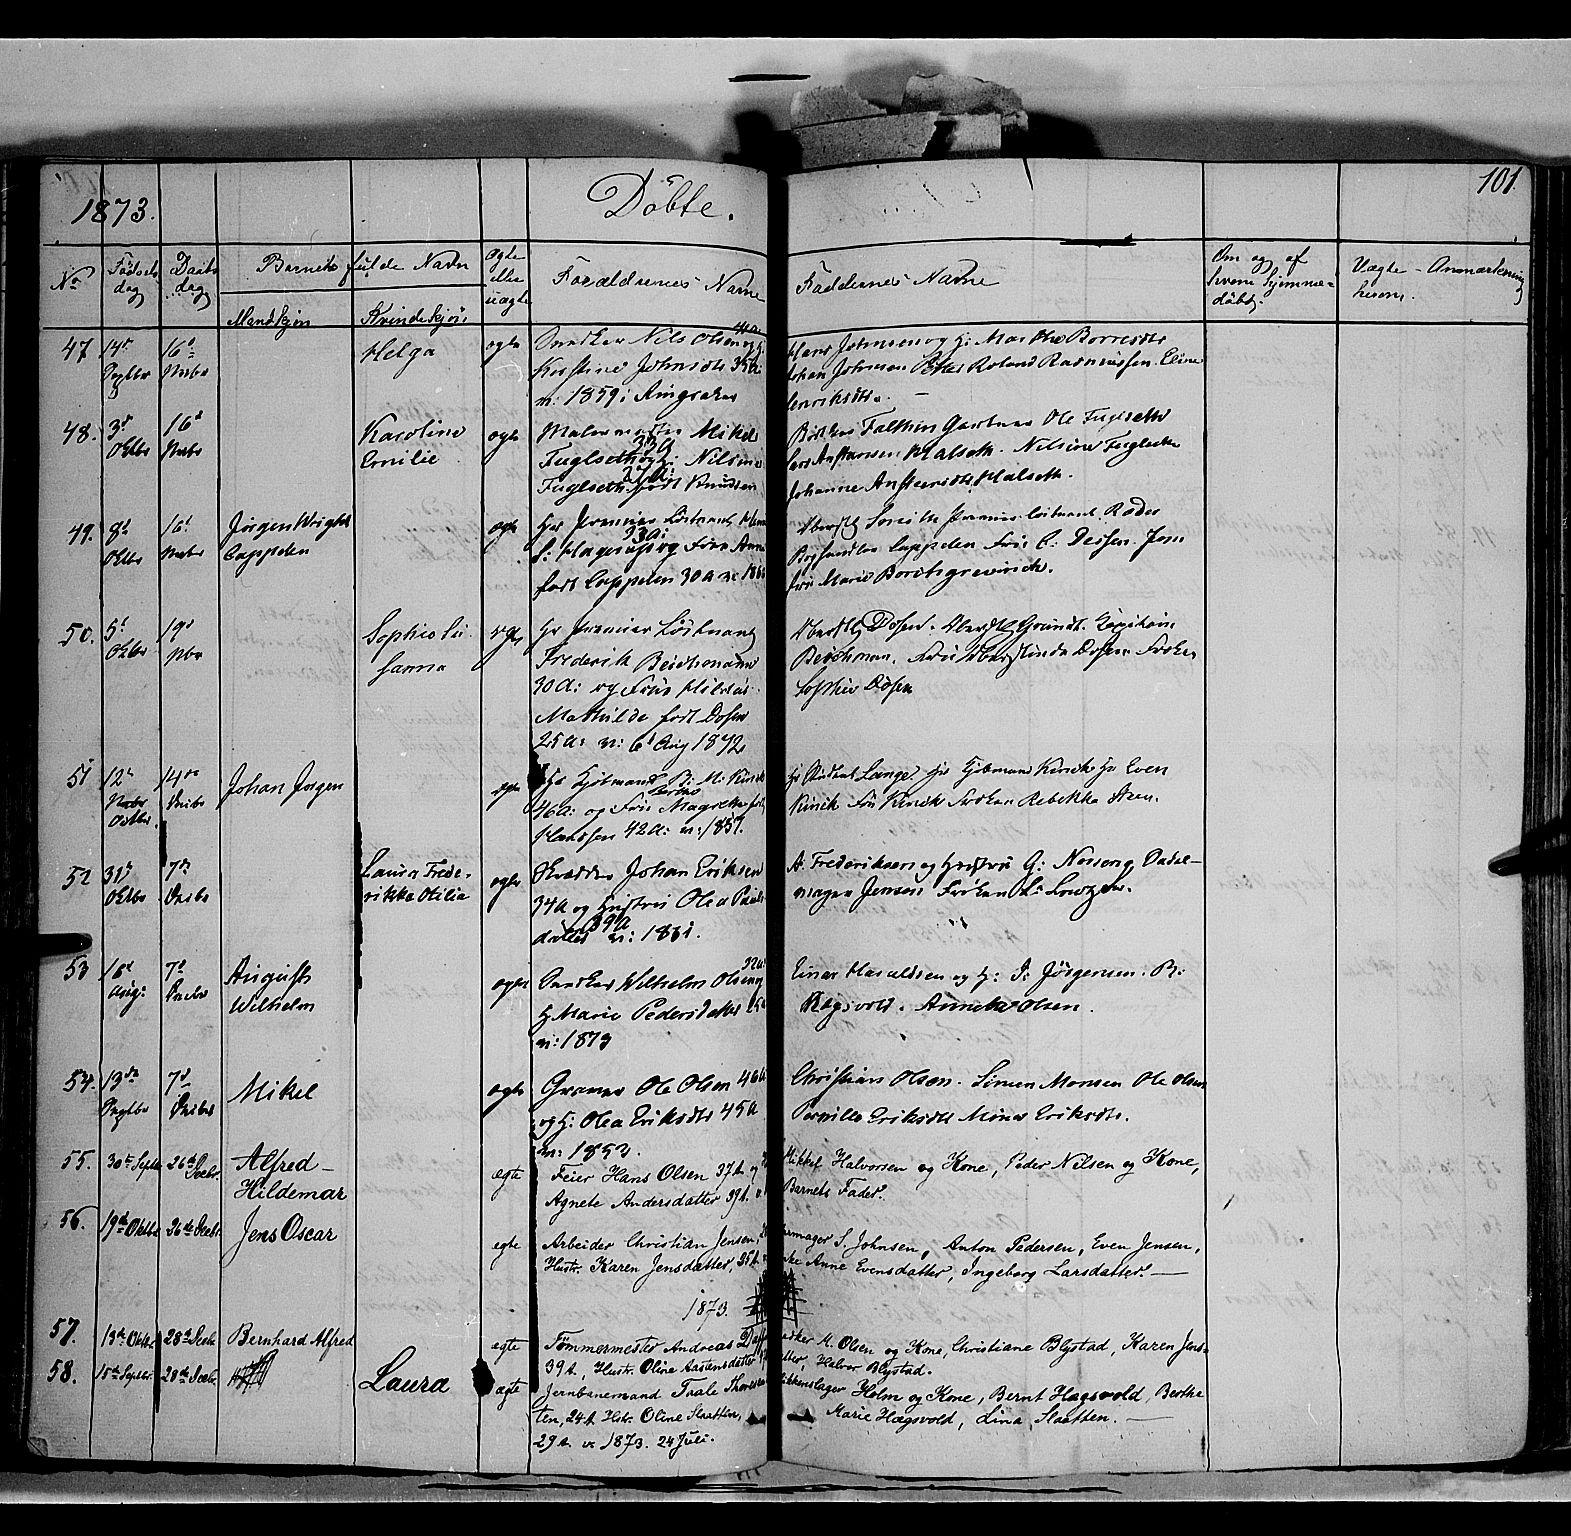 SAH, Vang prestekontor, Hedmark, H/Ha/Haa/L0011: Ministerialbok nr. 11, 1852-1877, s. 101